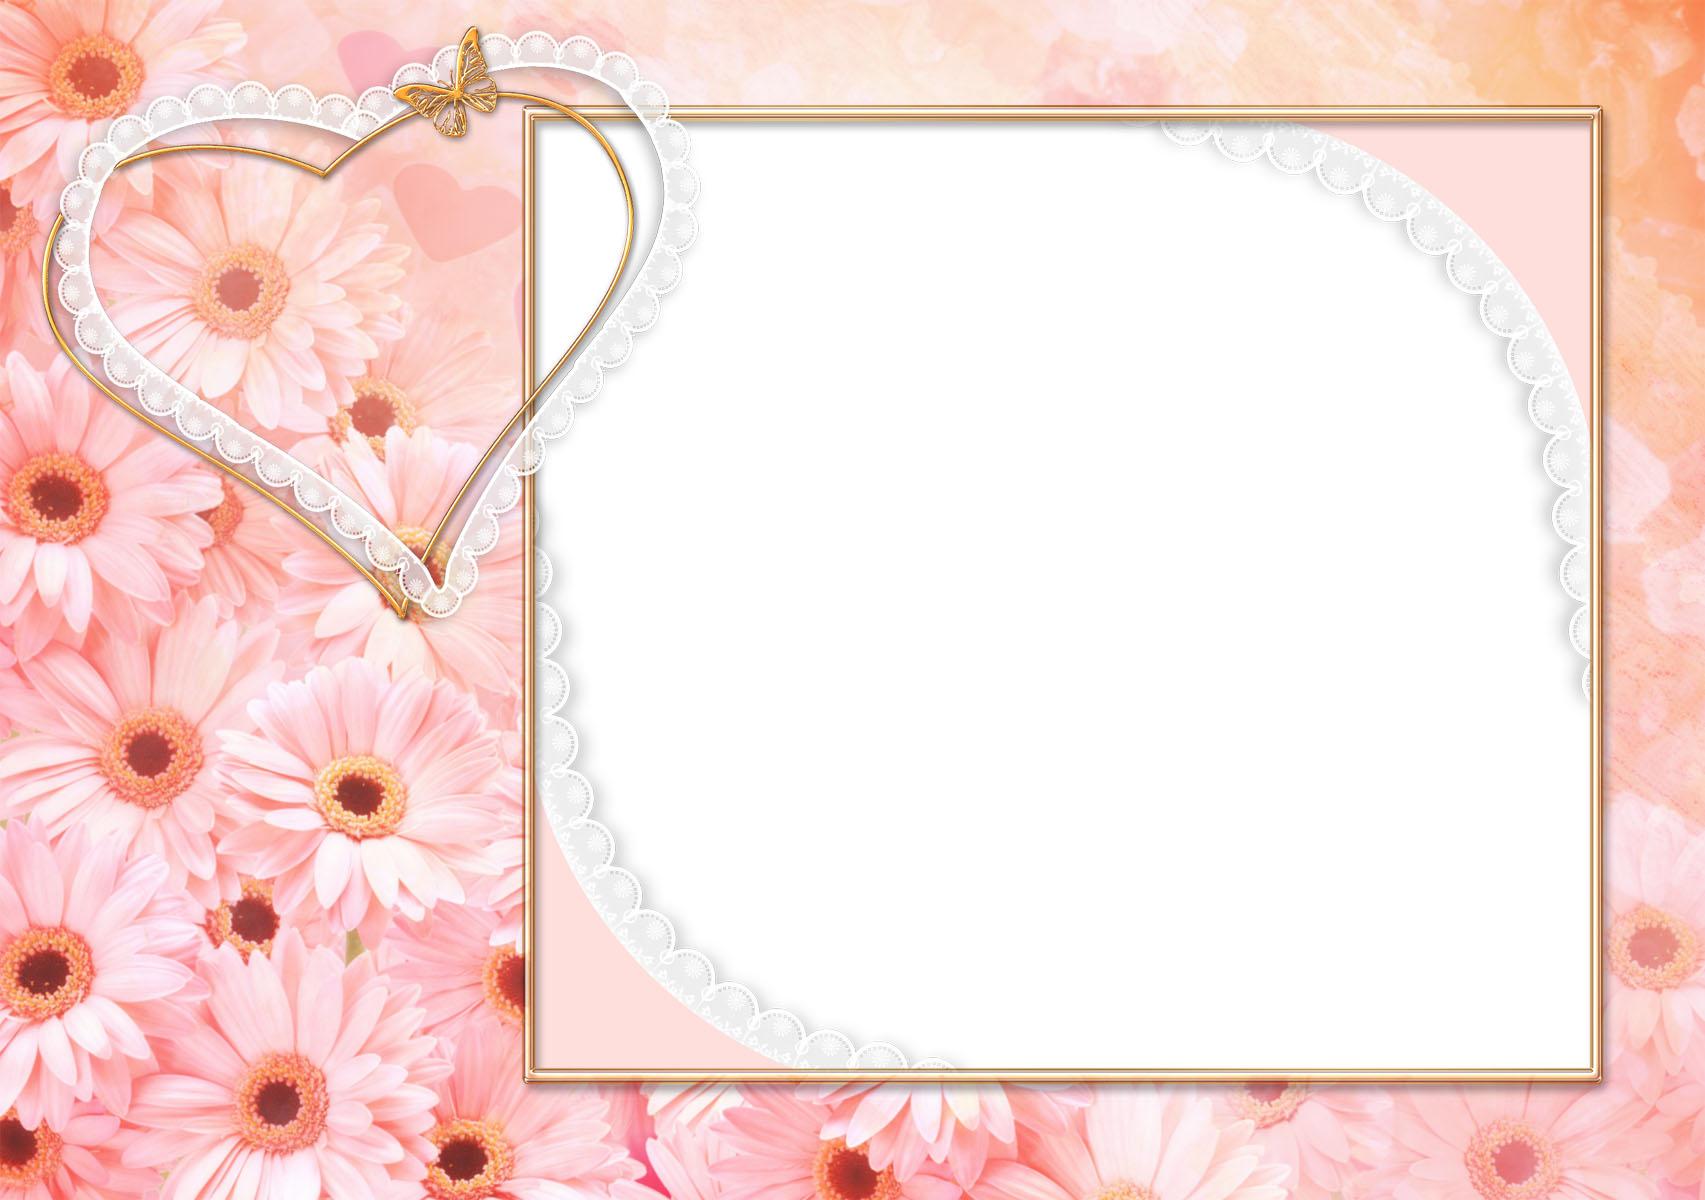 صور للكتابة عليها اجمل خلفيات للكتابة فيها مساء الورد